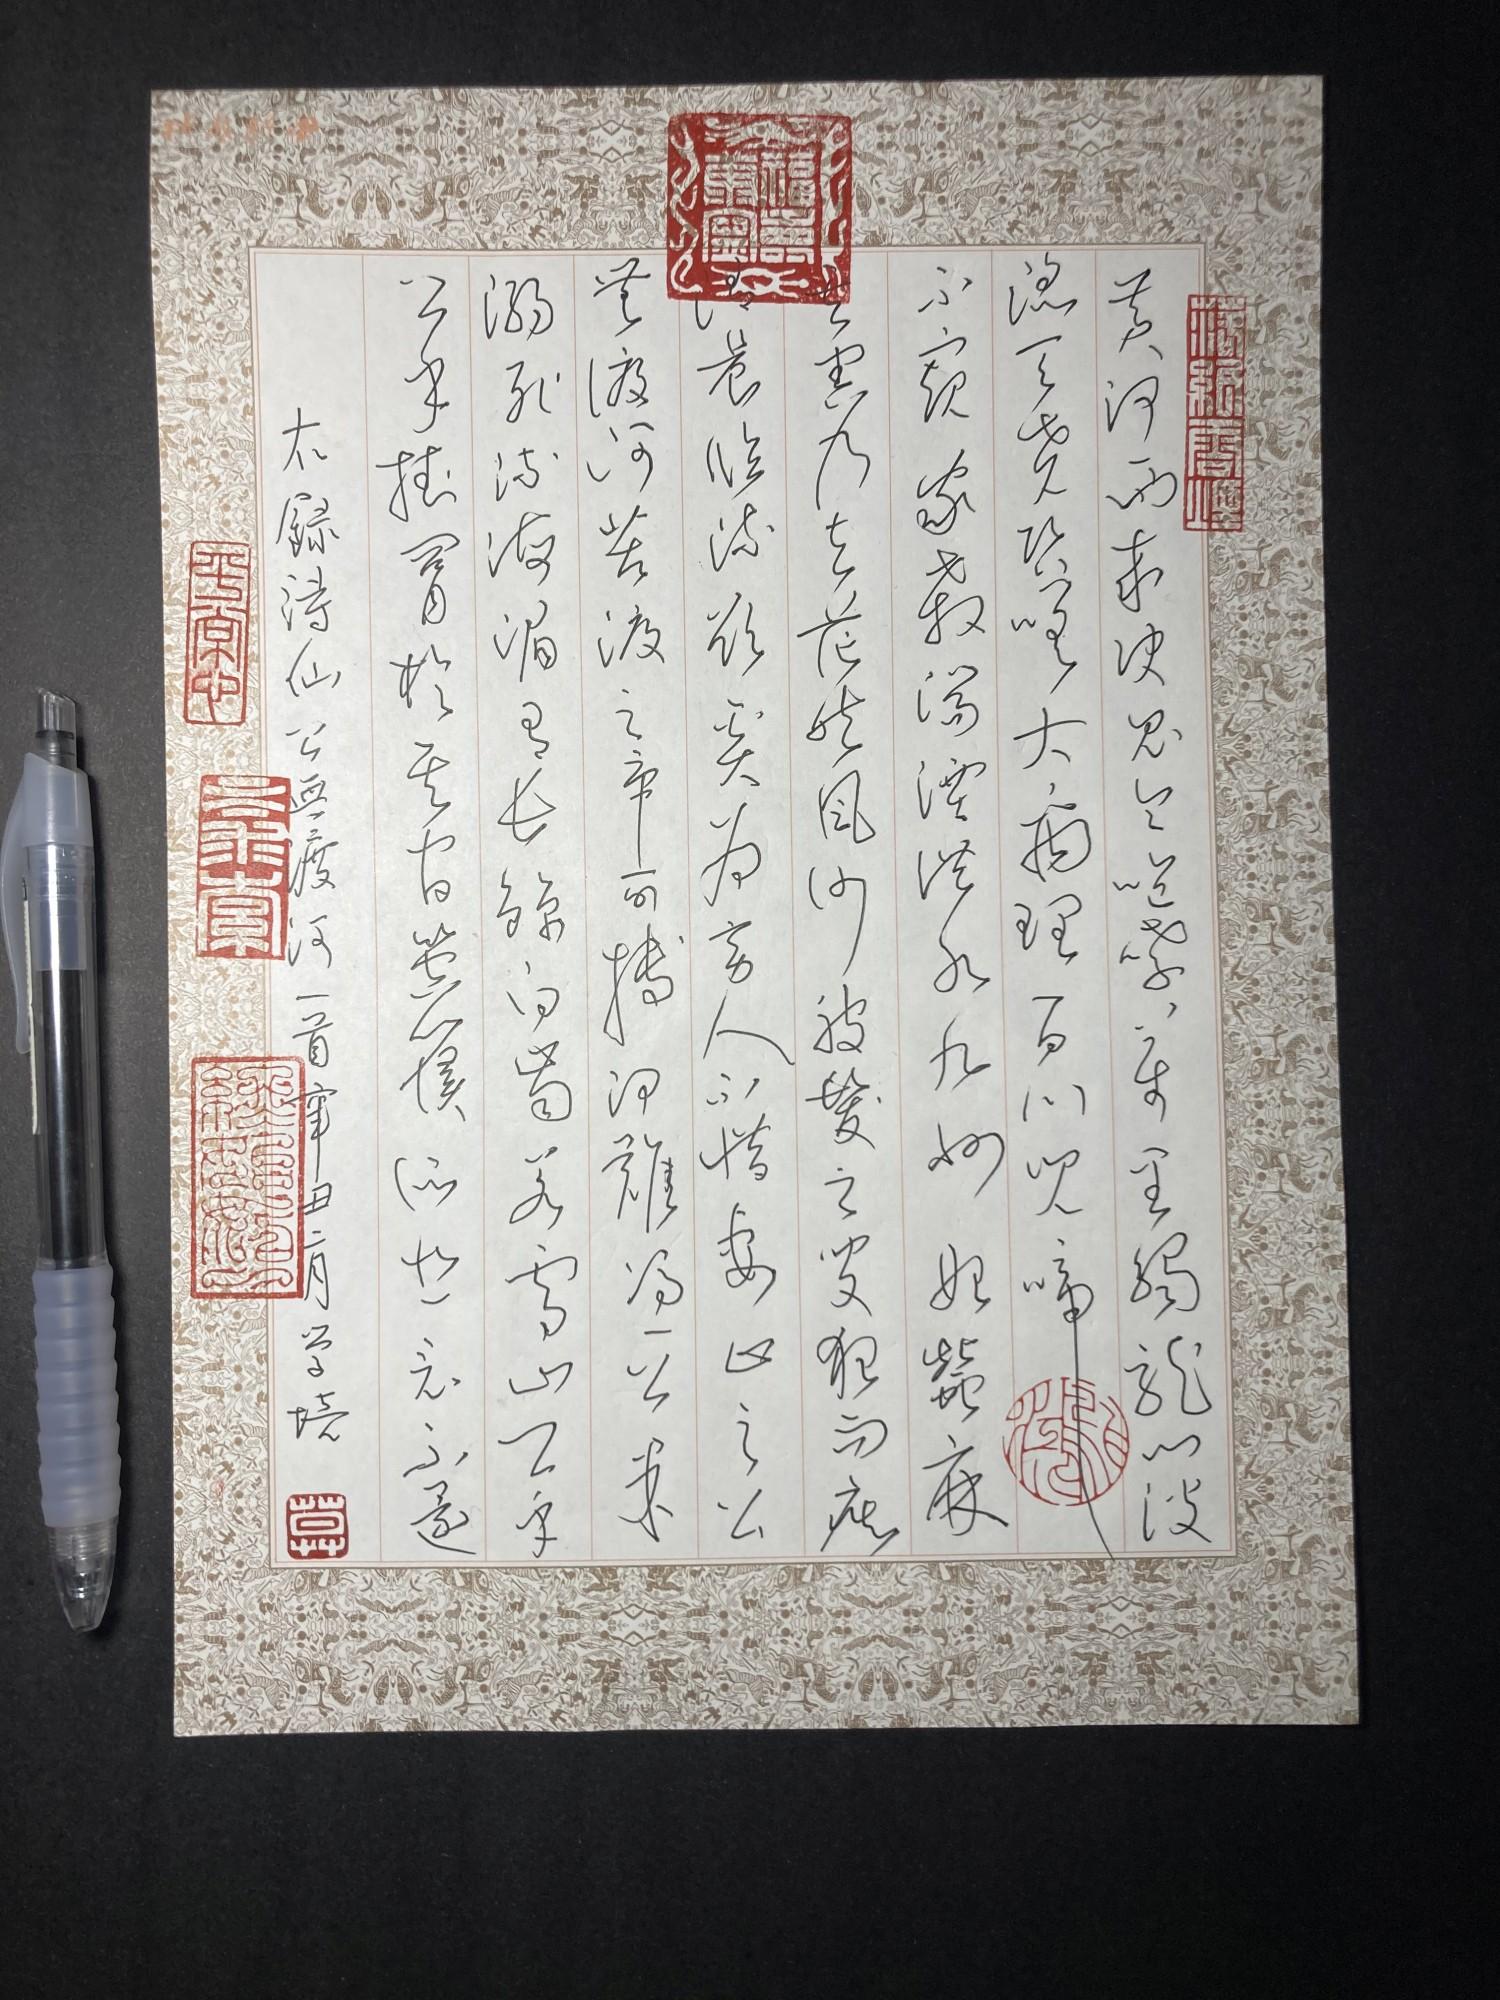 钢笔爱好者练字打卡20210406-22